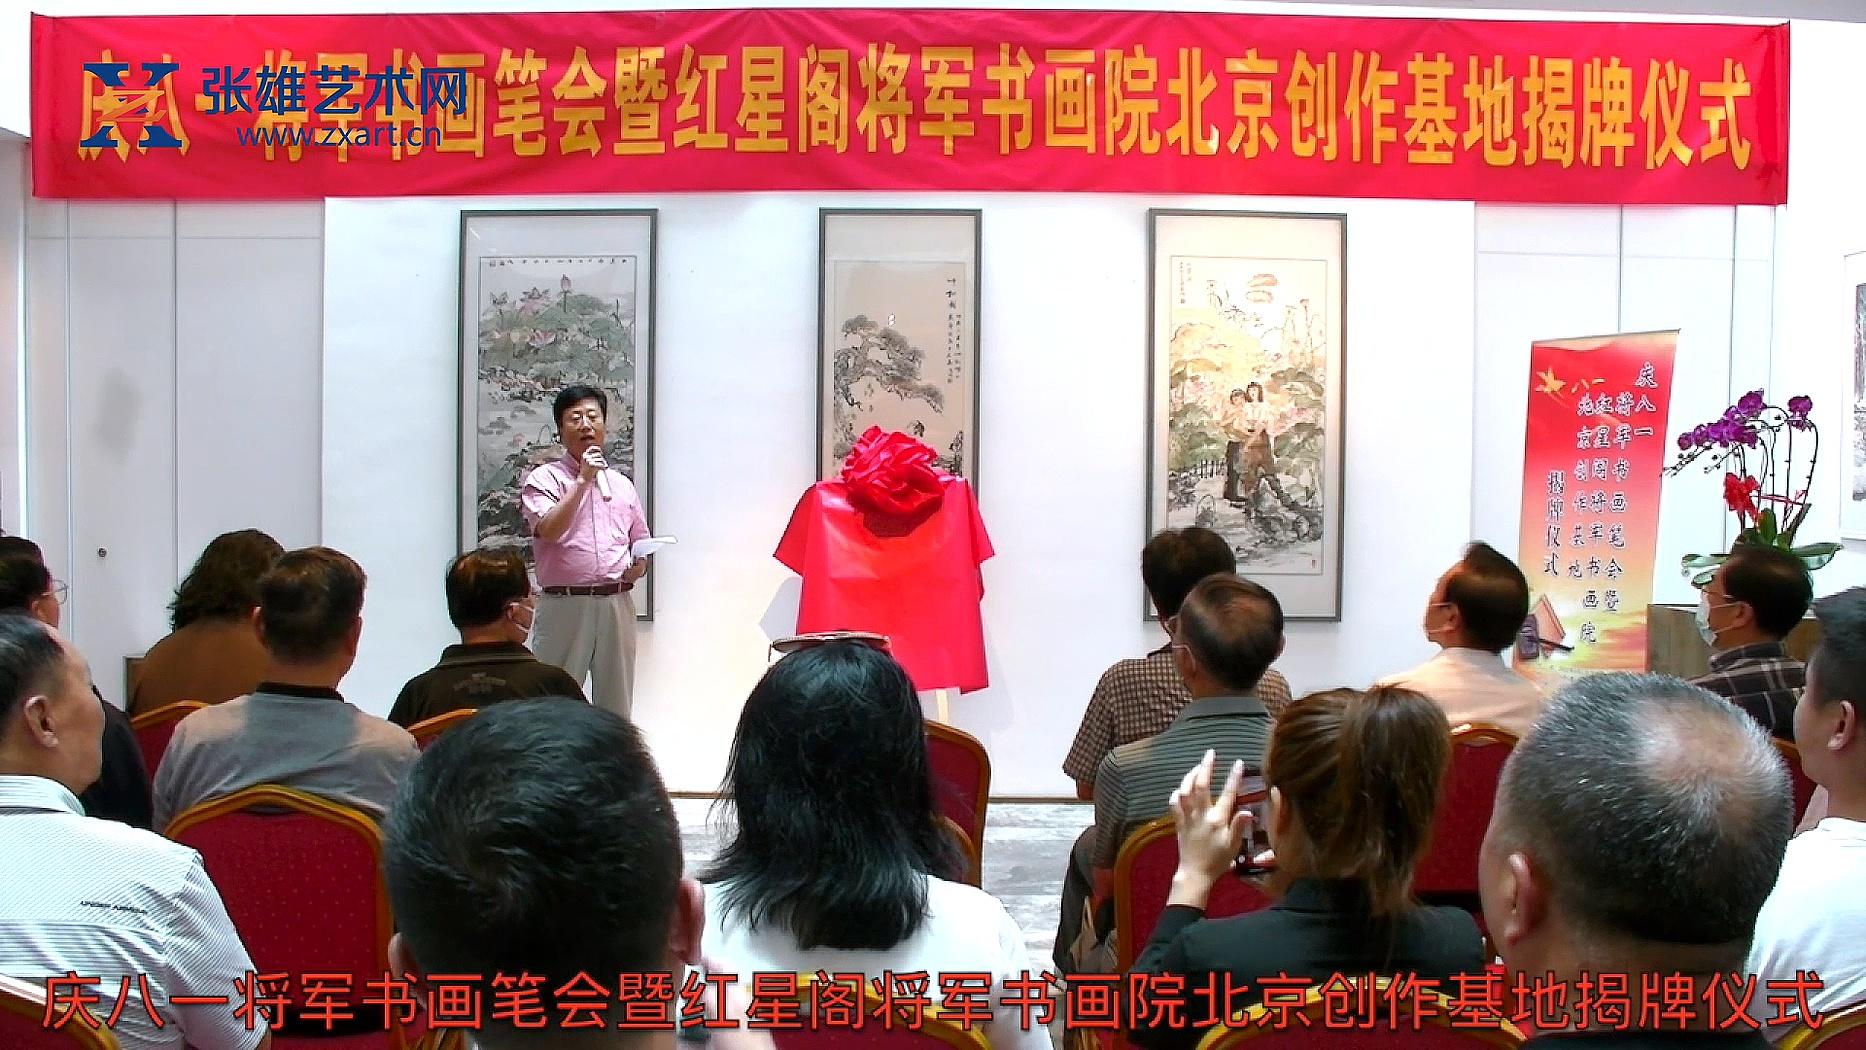 《慶八一將軍書畫筆會暨紅星閣將軍書畫院北京創作基地揭牌儀式》在京舉行